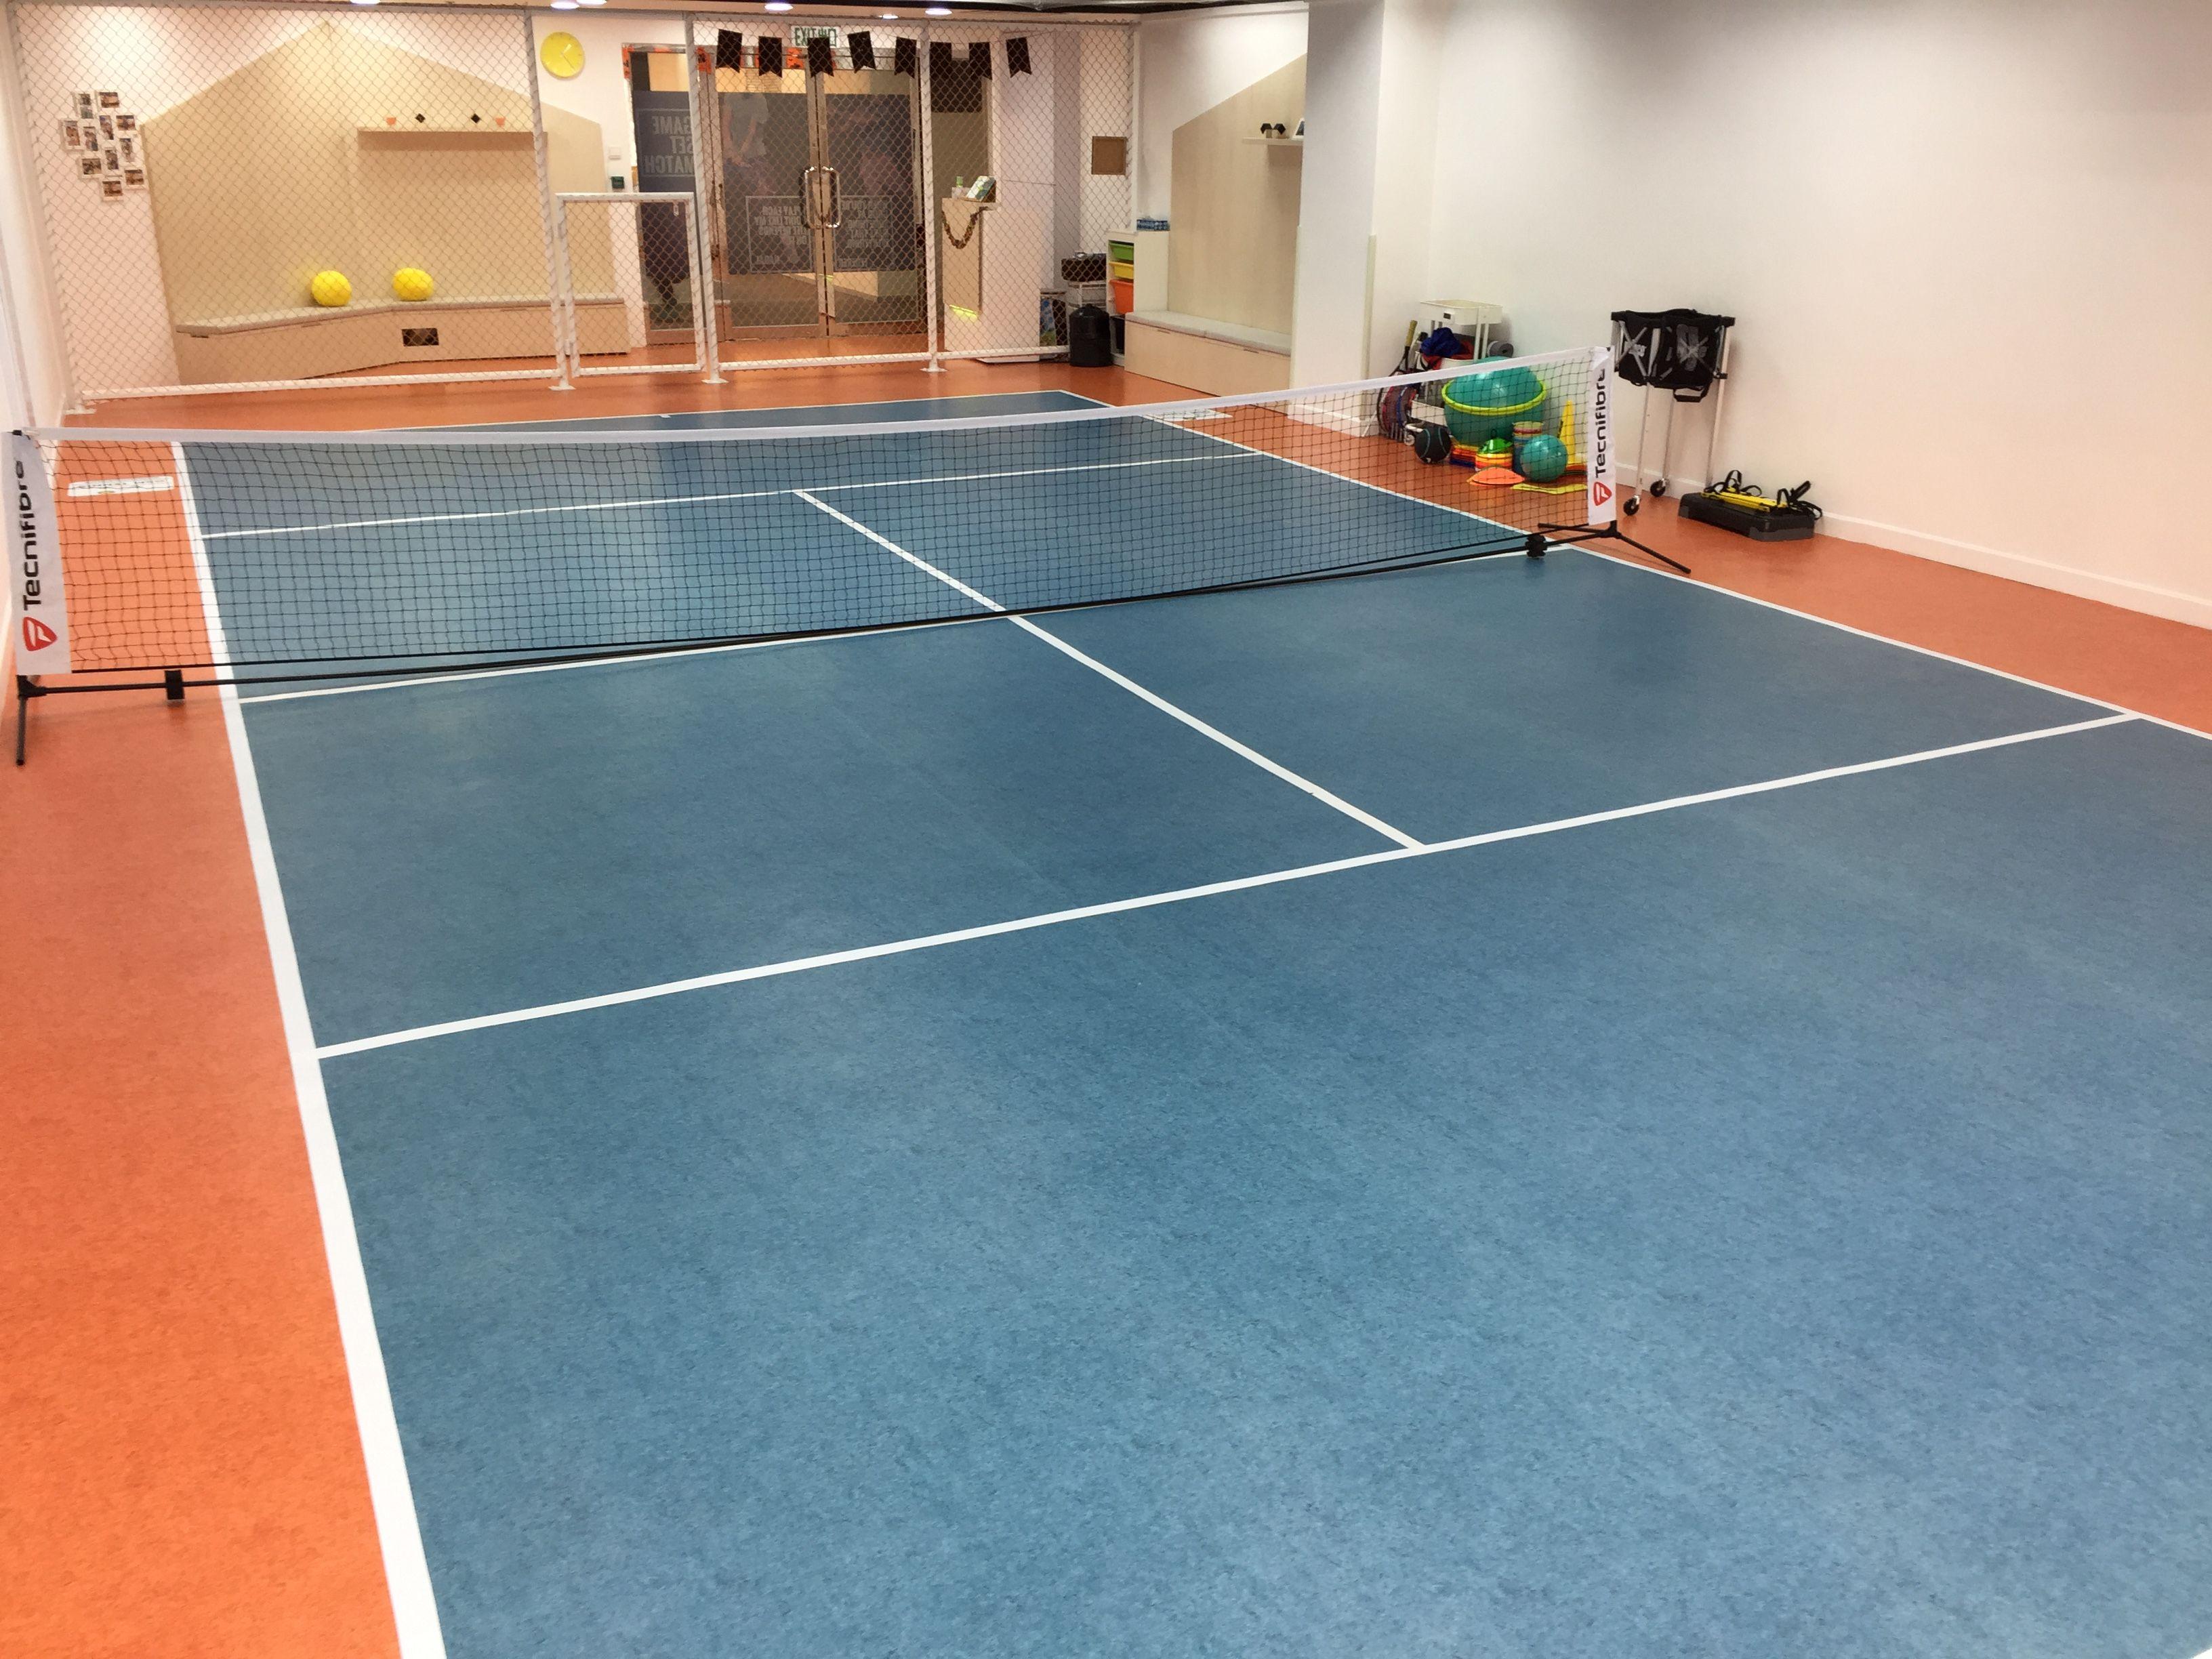 Indoor Mini Tennis Court For Kids Indoor Tennis Tennis Tennis Court Mini backyard tennis court